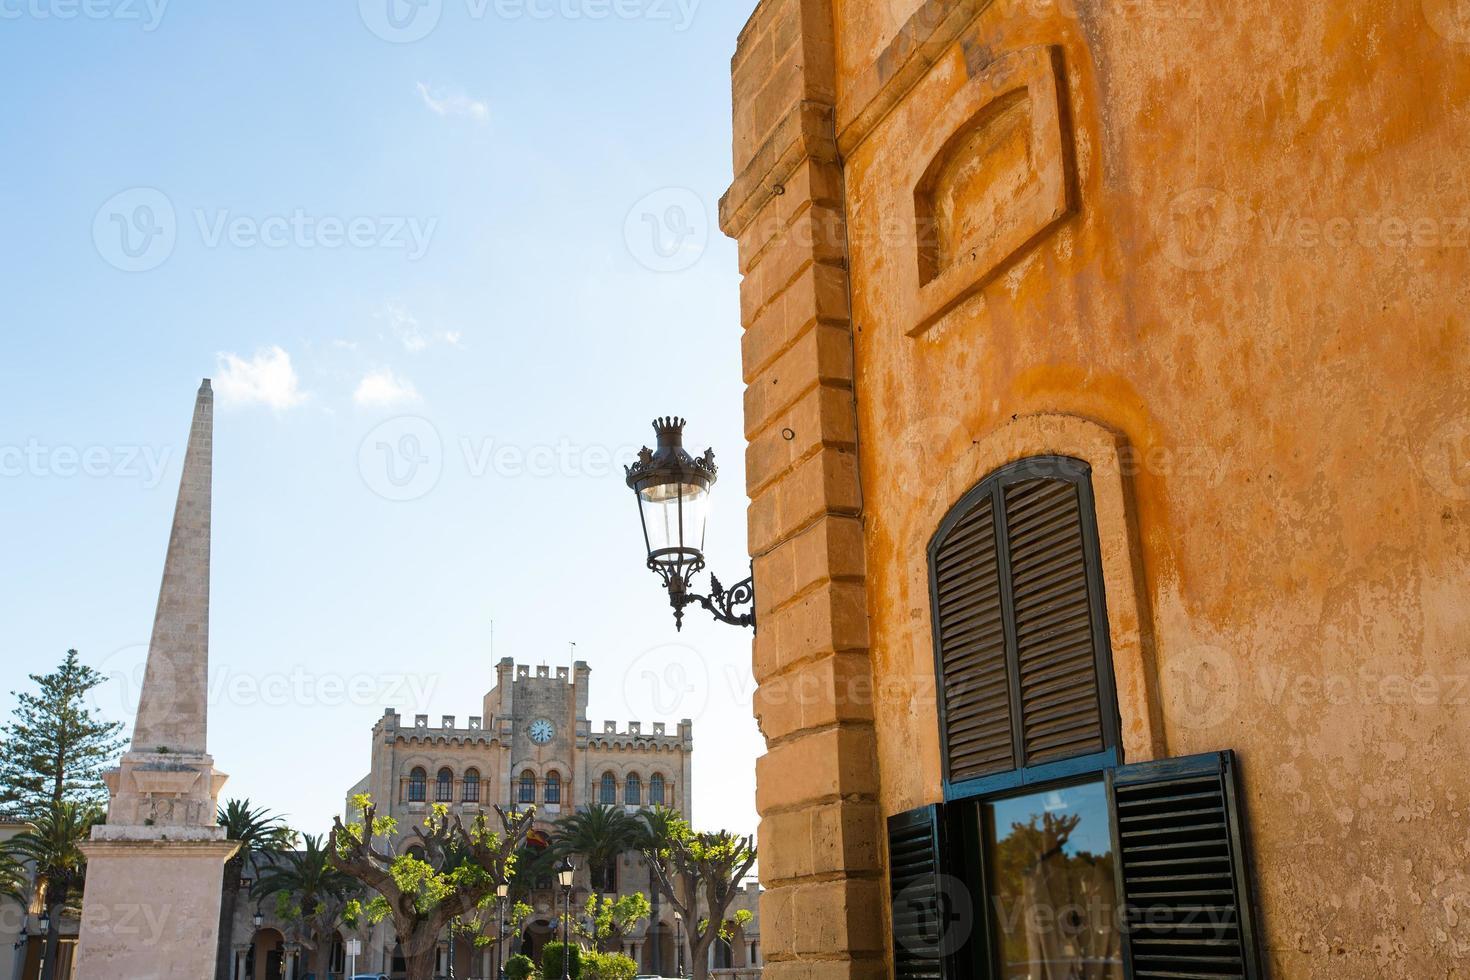 Ciutadella Menorca Placa des Born in downtown Ciudadela photo